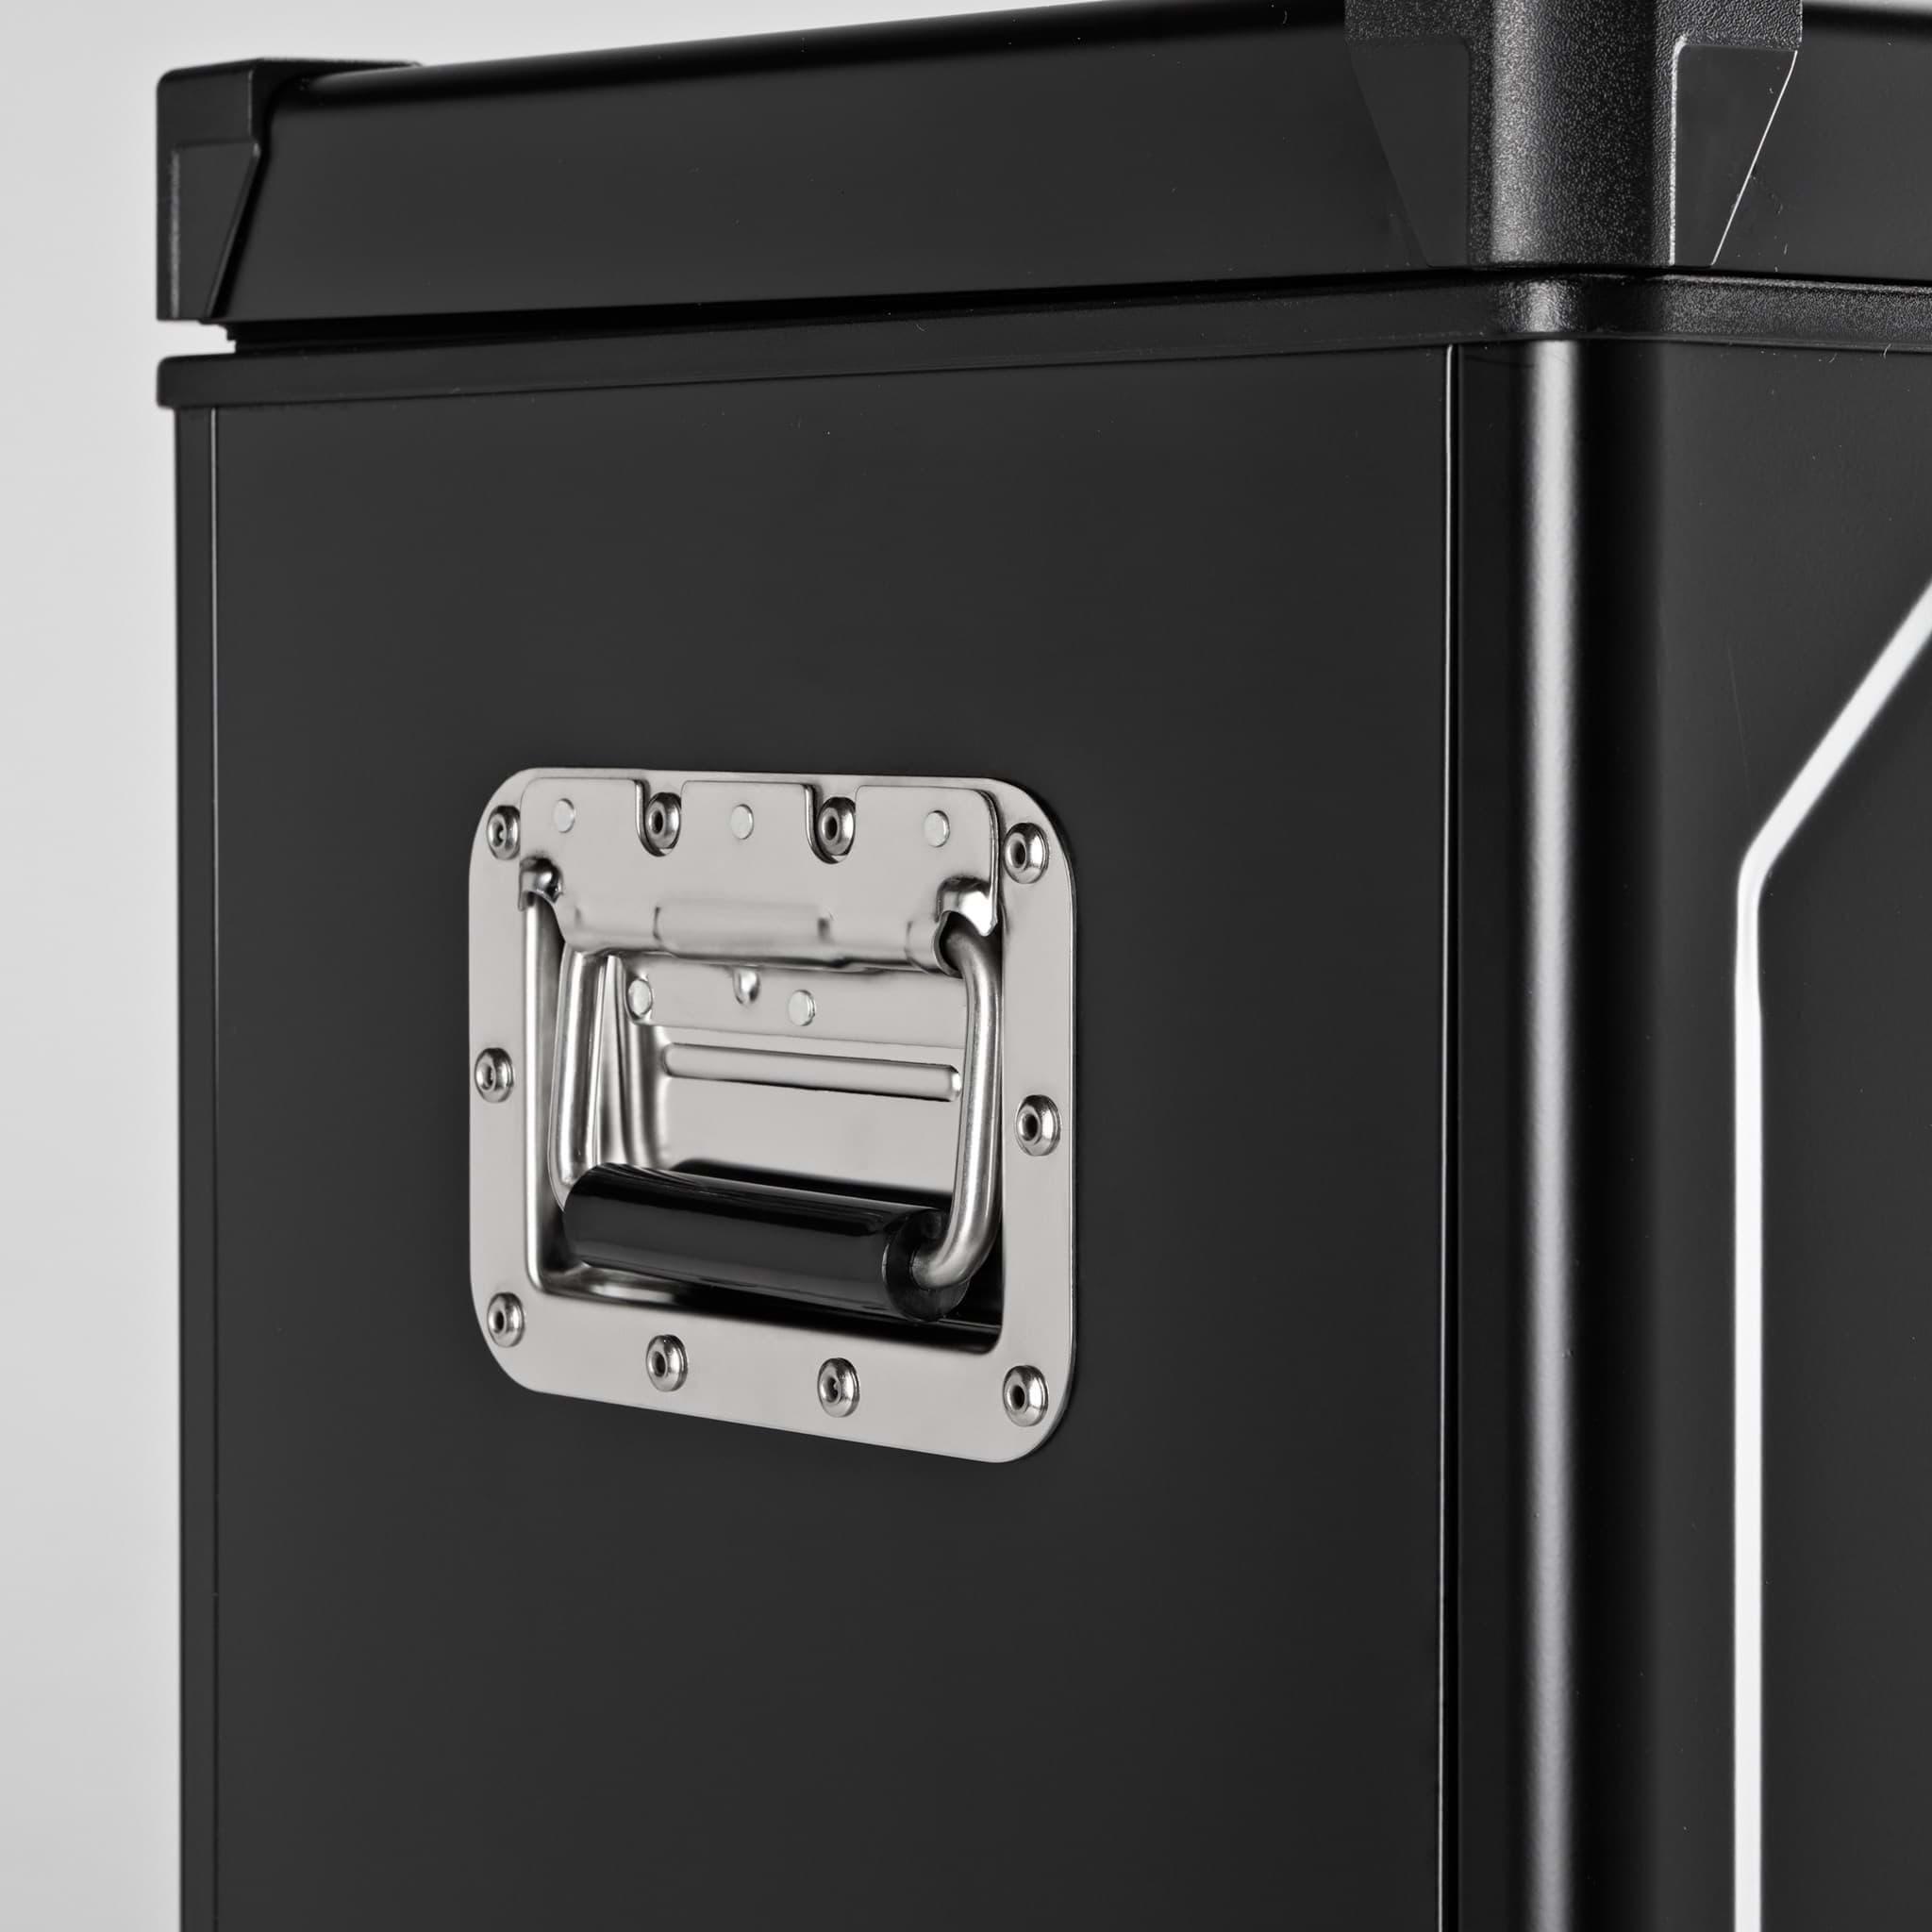 Indel B TB100 Compressor Koel- Vrieskist 12/24V 100 liter